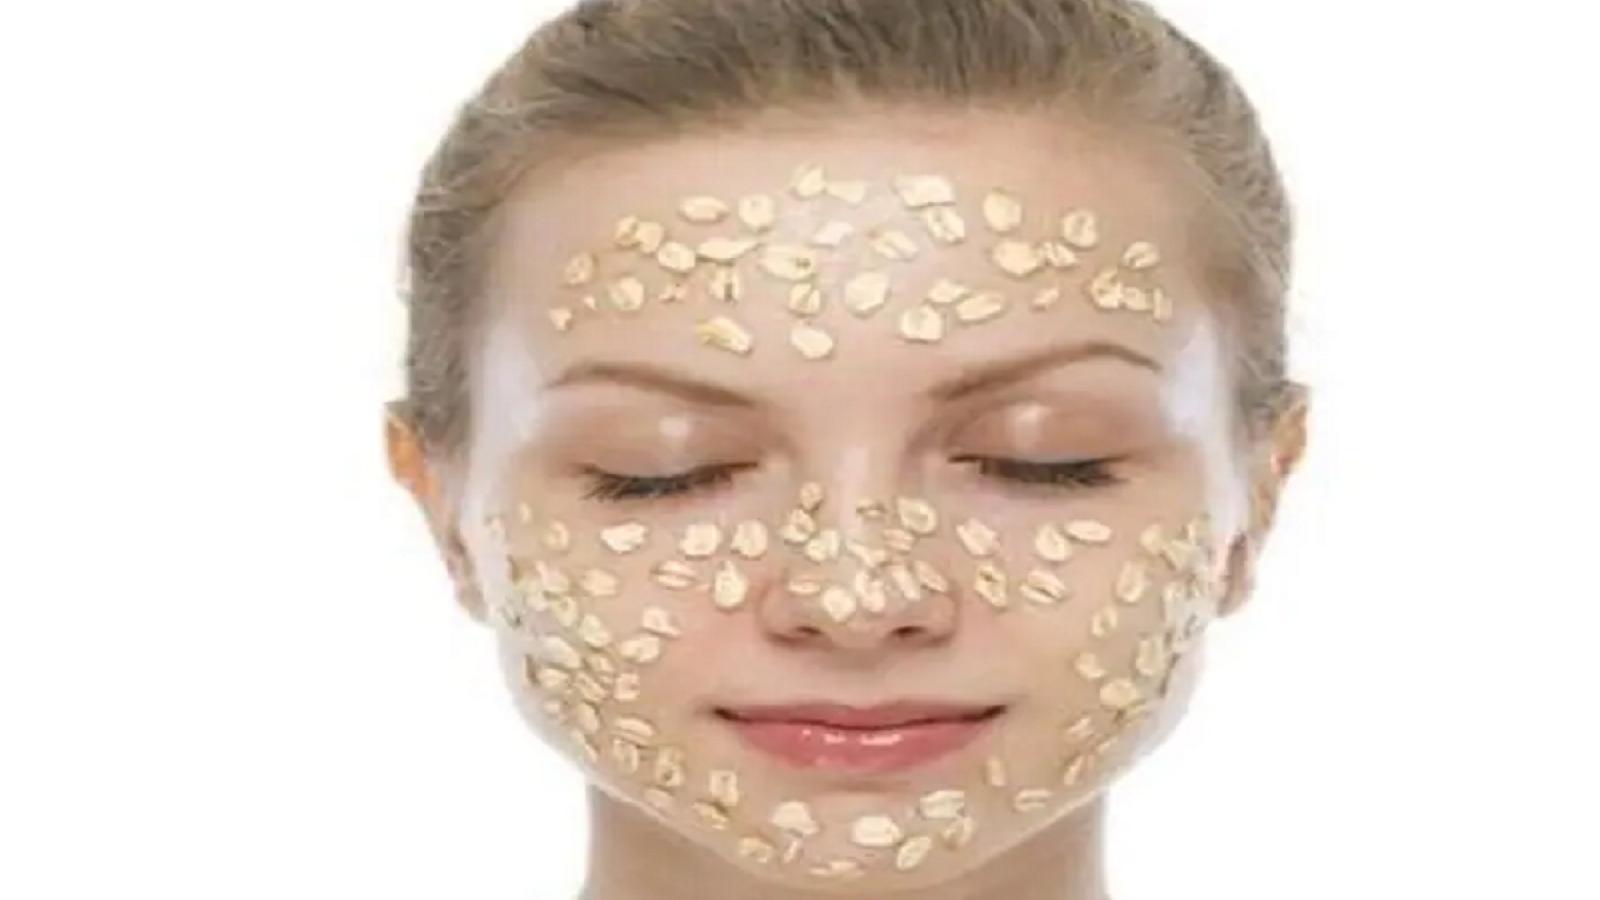 Thêm yến mạch vào quy trình làm đẹp của bạn để có làn da sạch mụn